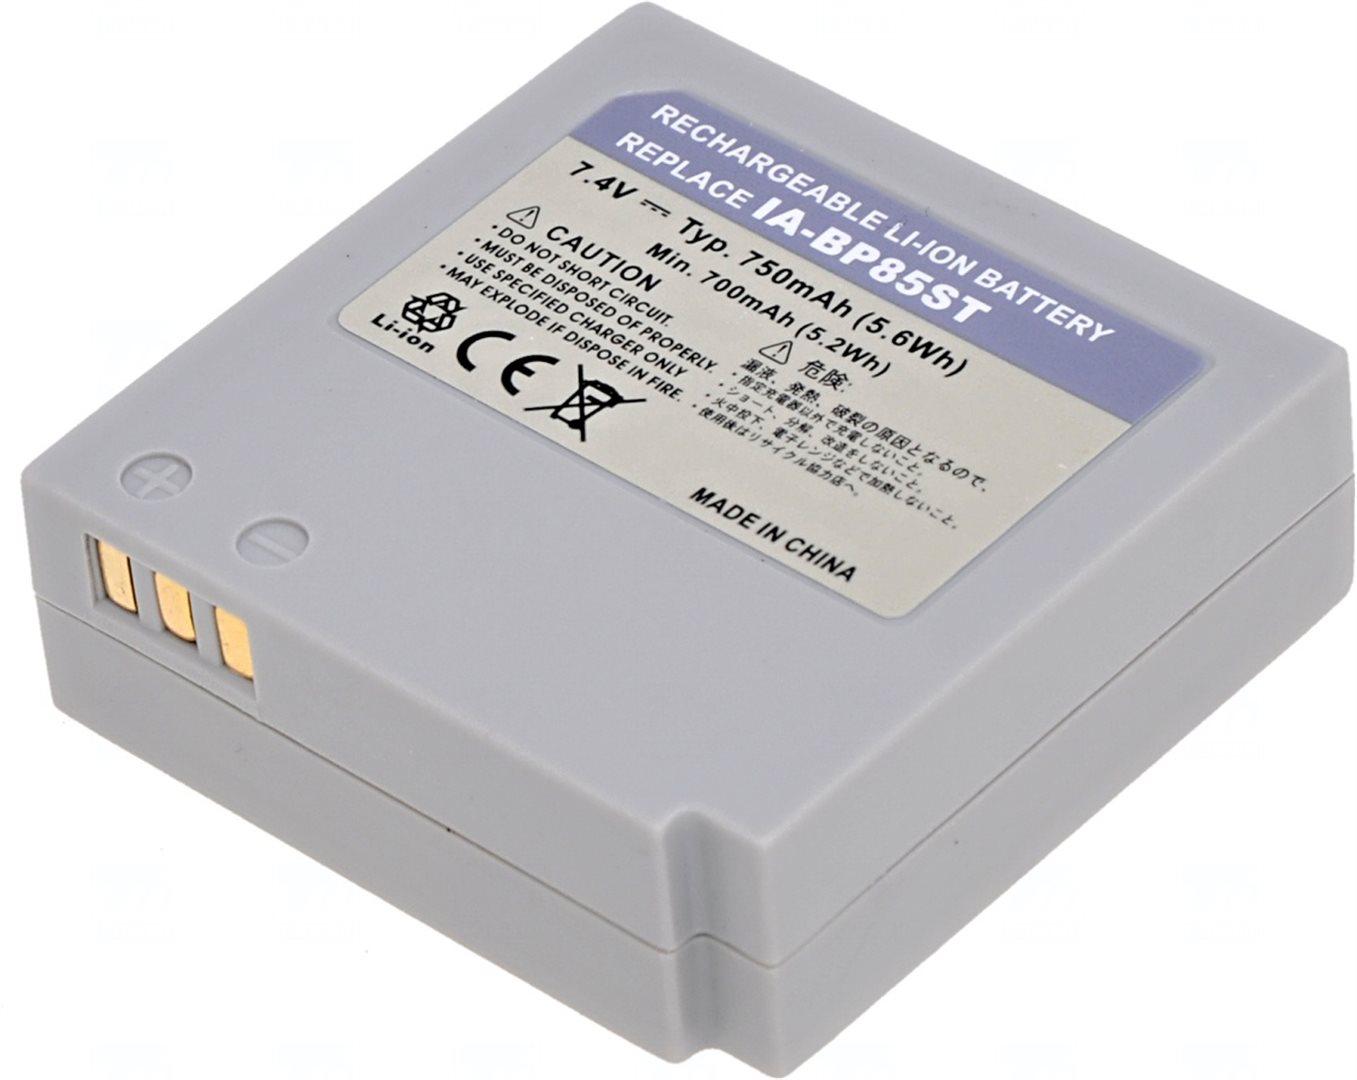 Samsung SMX-F300 HMX-H106 VP-MX25 VP-HMX10 SMX-F30 Power Supply Charger